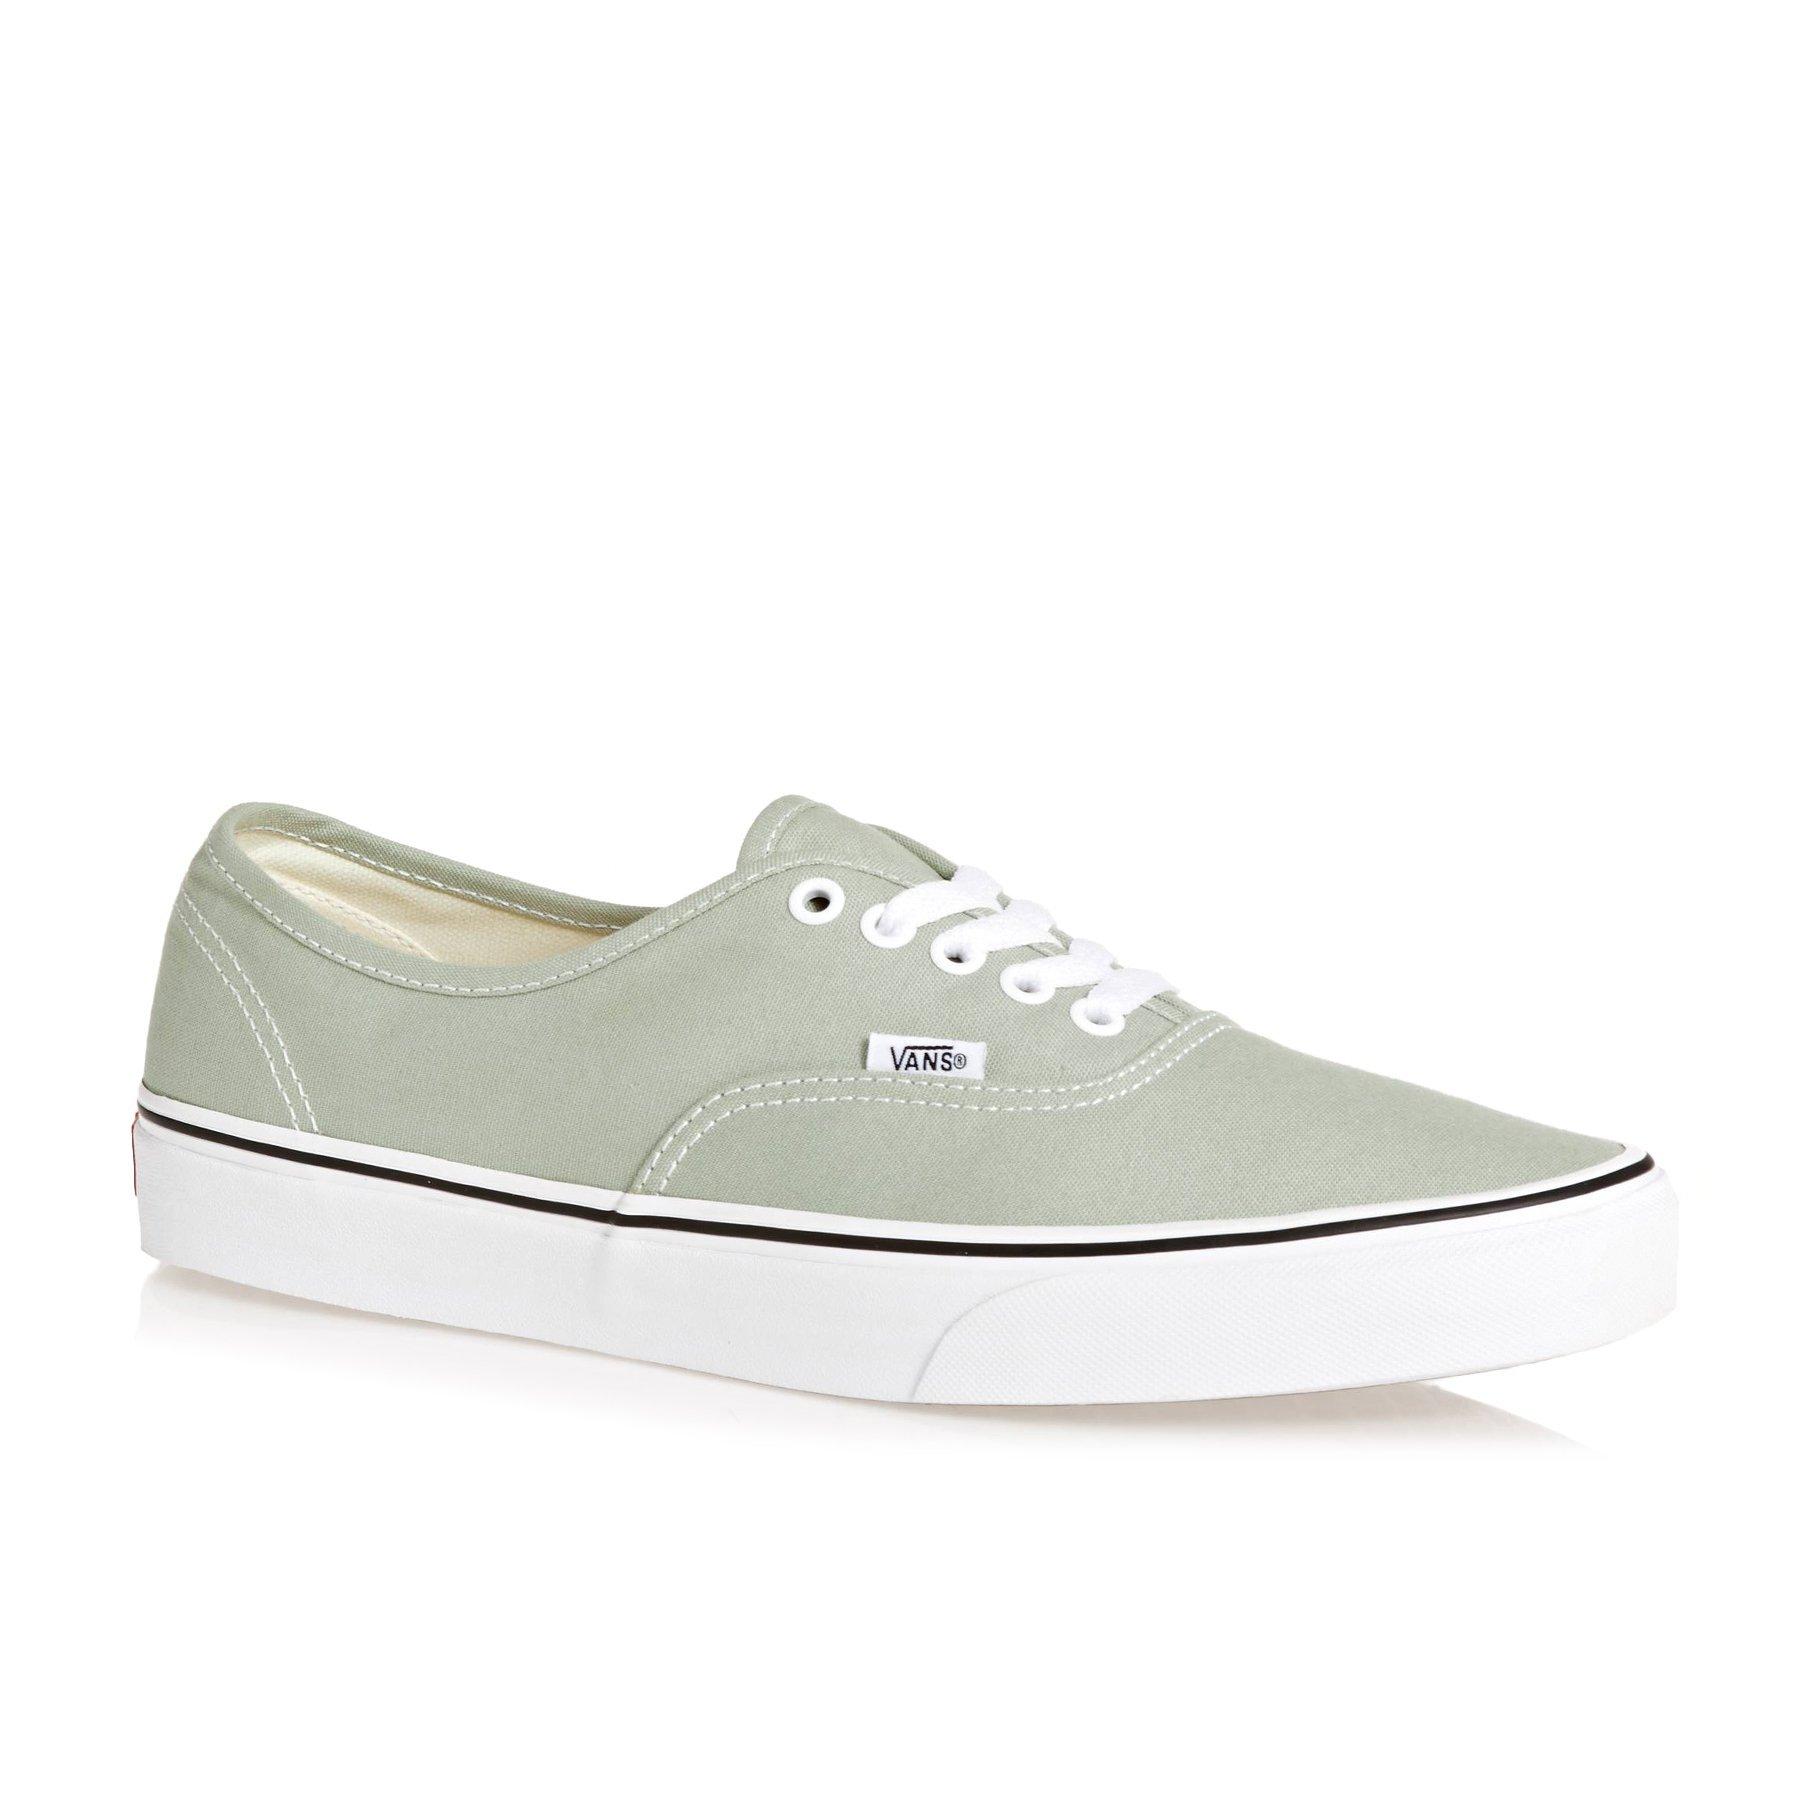 Galleon - Vans Authentic Shoes 11.5 B(M) US Women   10 D(M) US Desert Sage True  White 080abf4d5